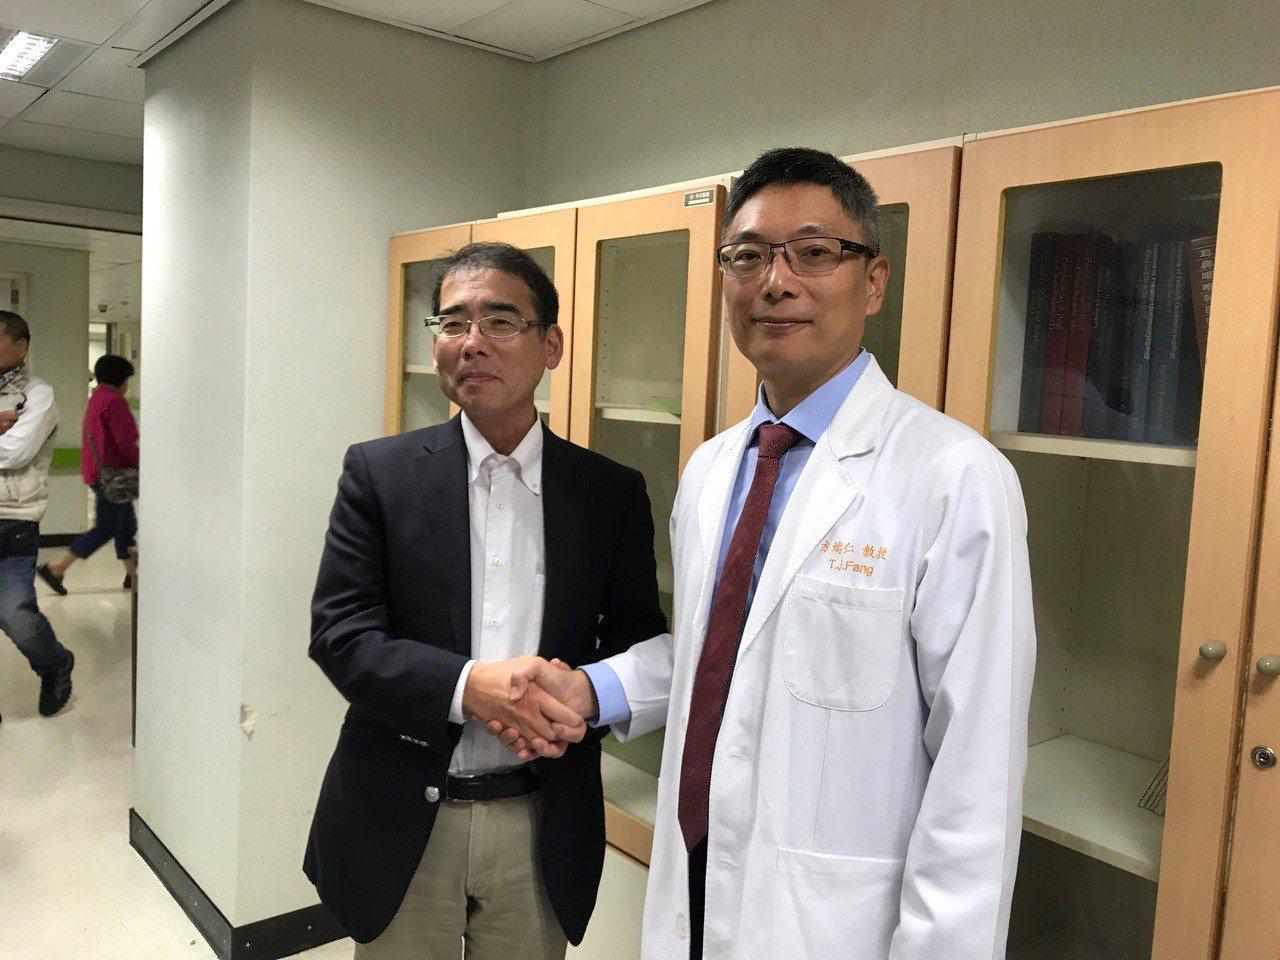 來自日本的咽喉癌、喉癌病友組織「悠聲會」,今日前往林口長庚耳鼻喉部參訪,副部長方...